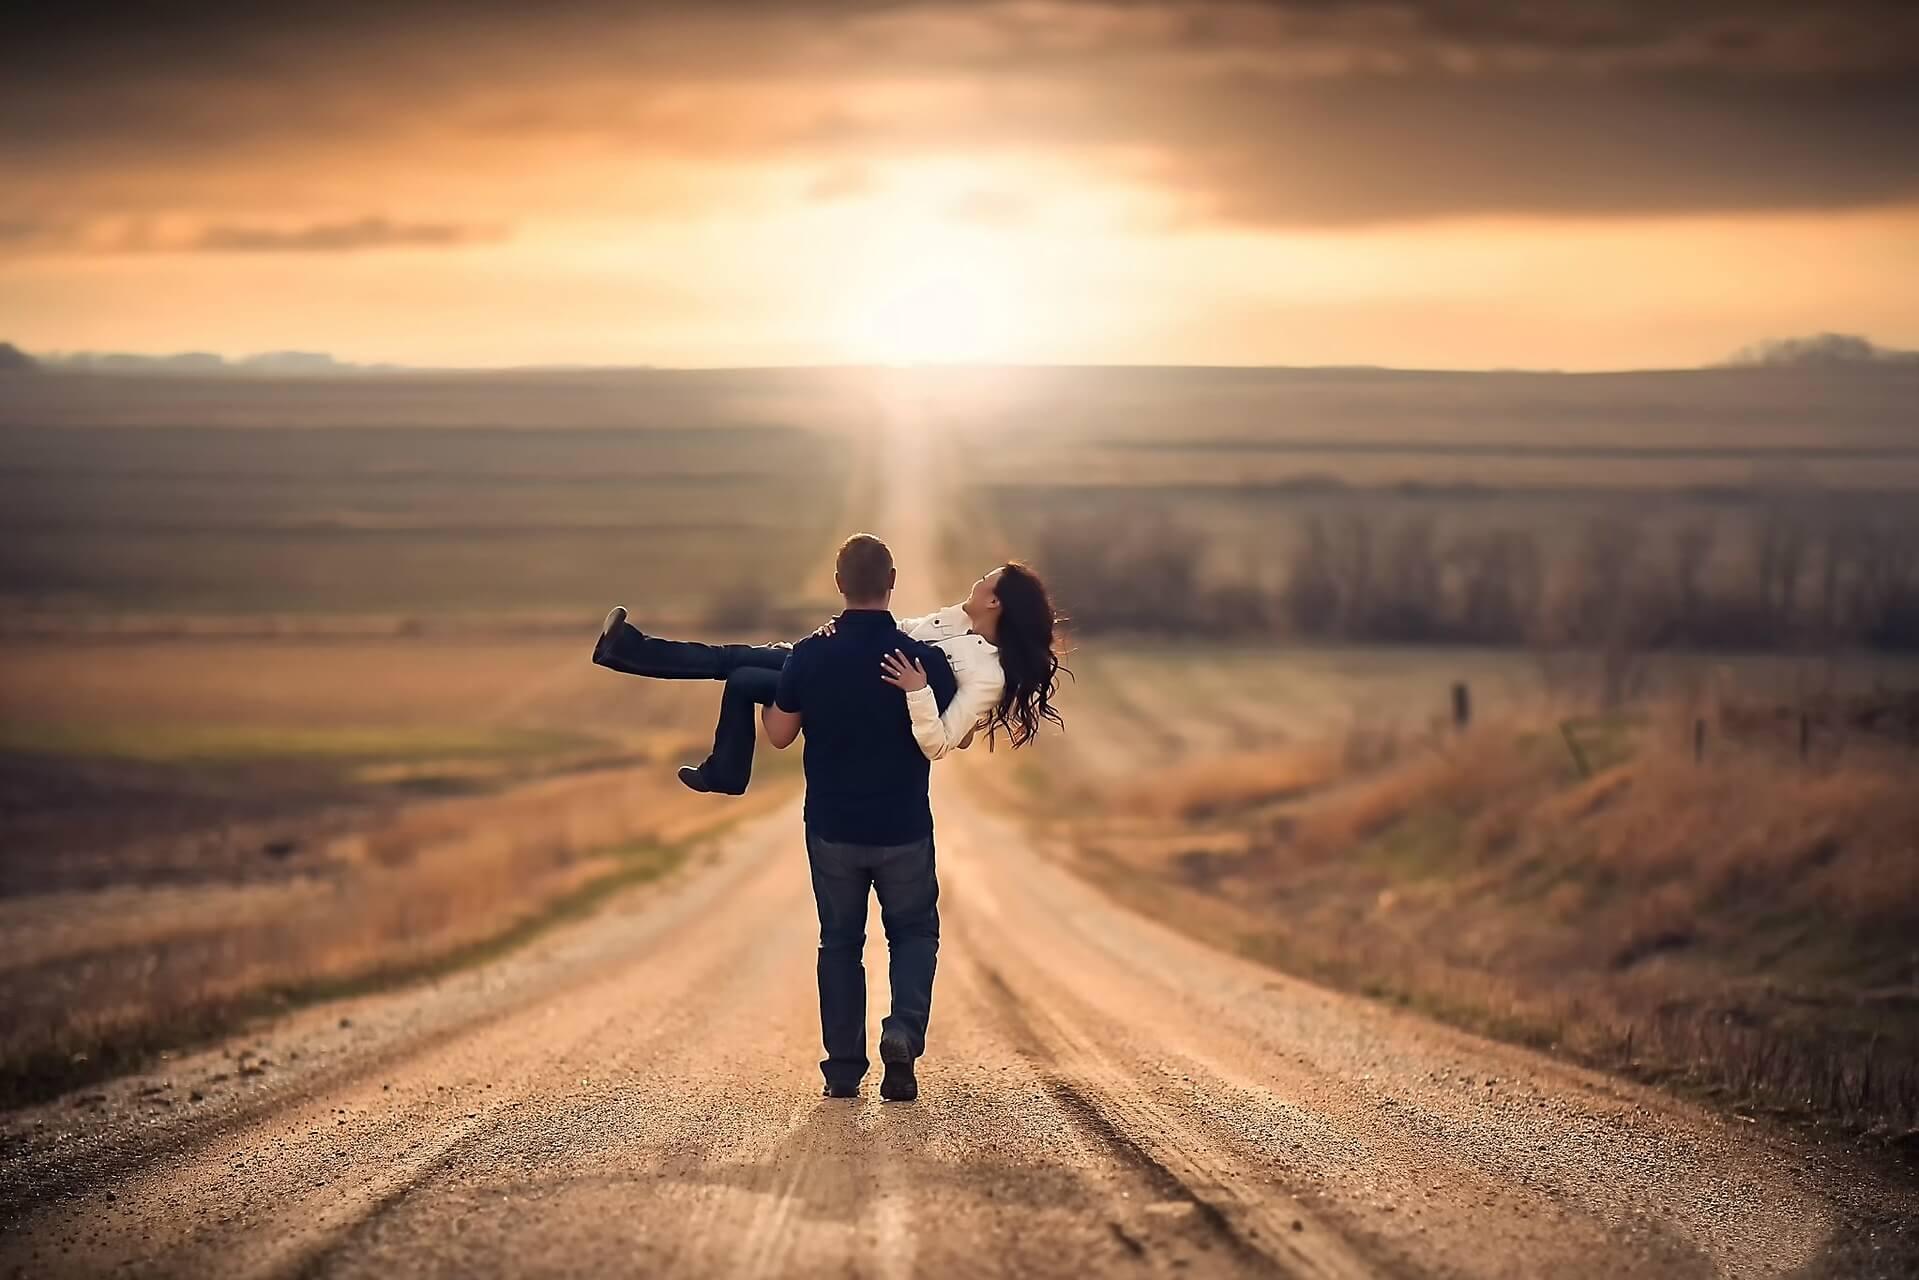 Парень держит девушку на руках - красивые 23 картинок 10